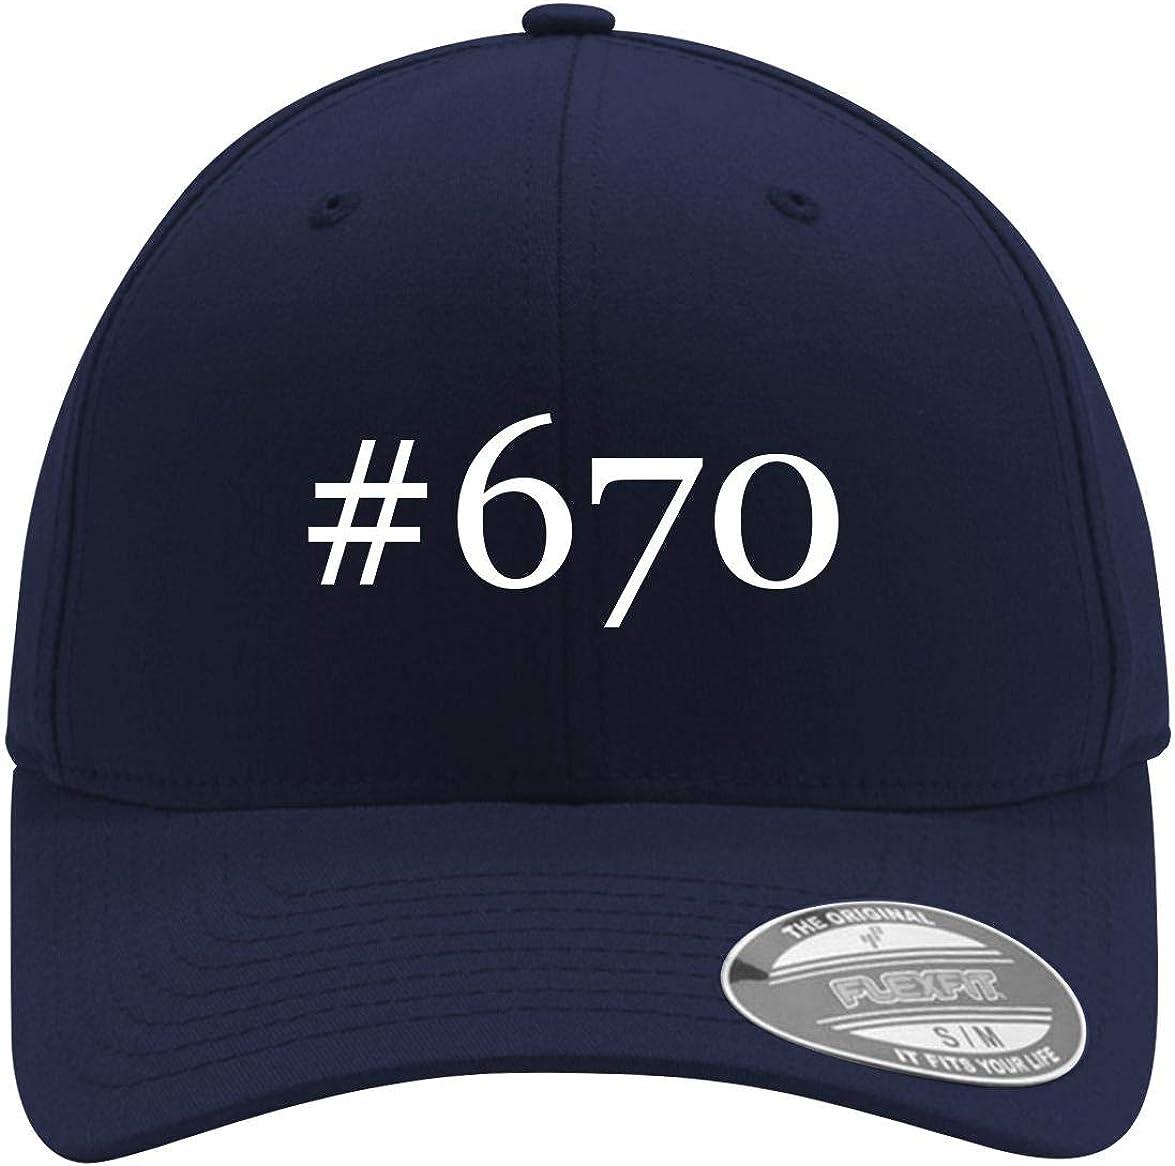 #670 - Adult Men's Hashtag Flexfit Baseball Hat Cap 61qW9xVxvxL